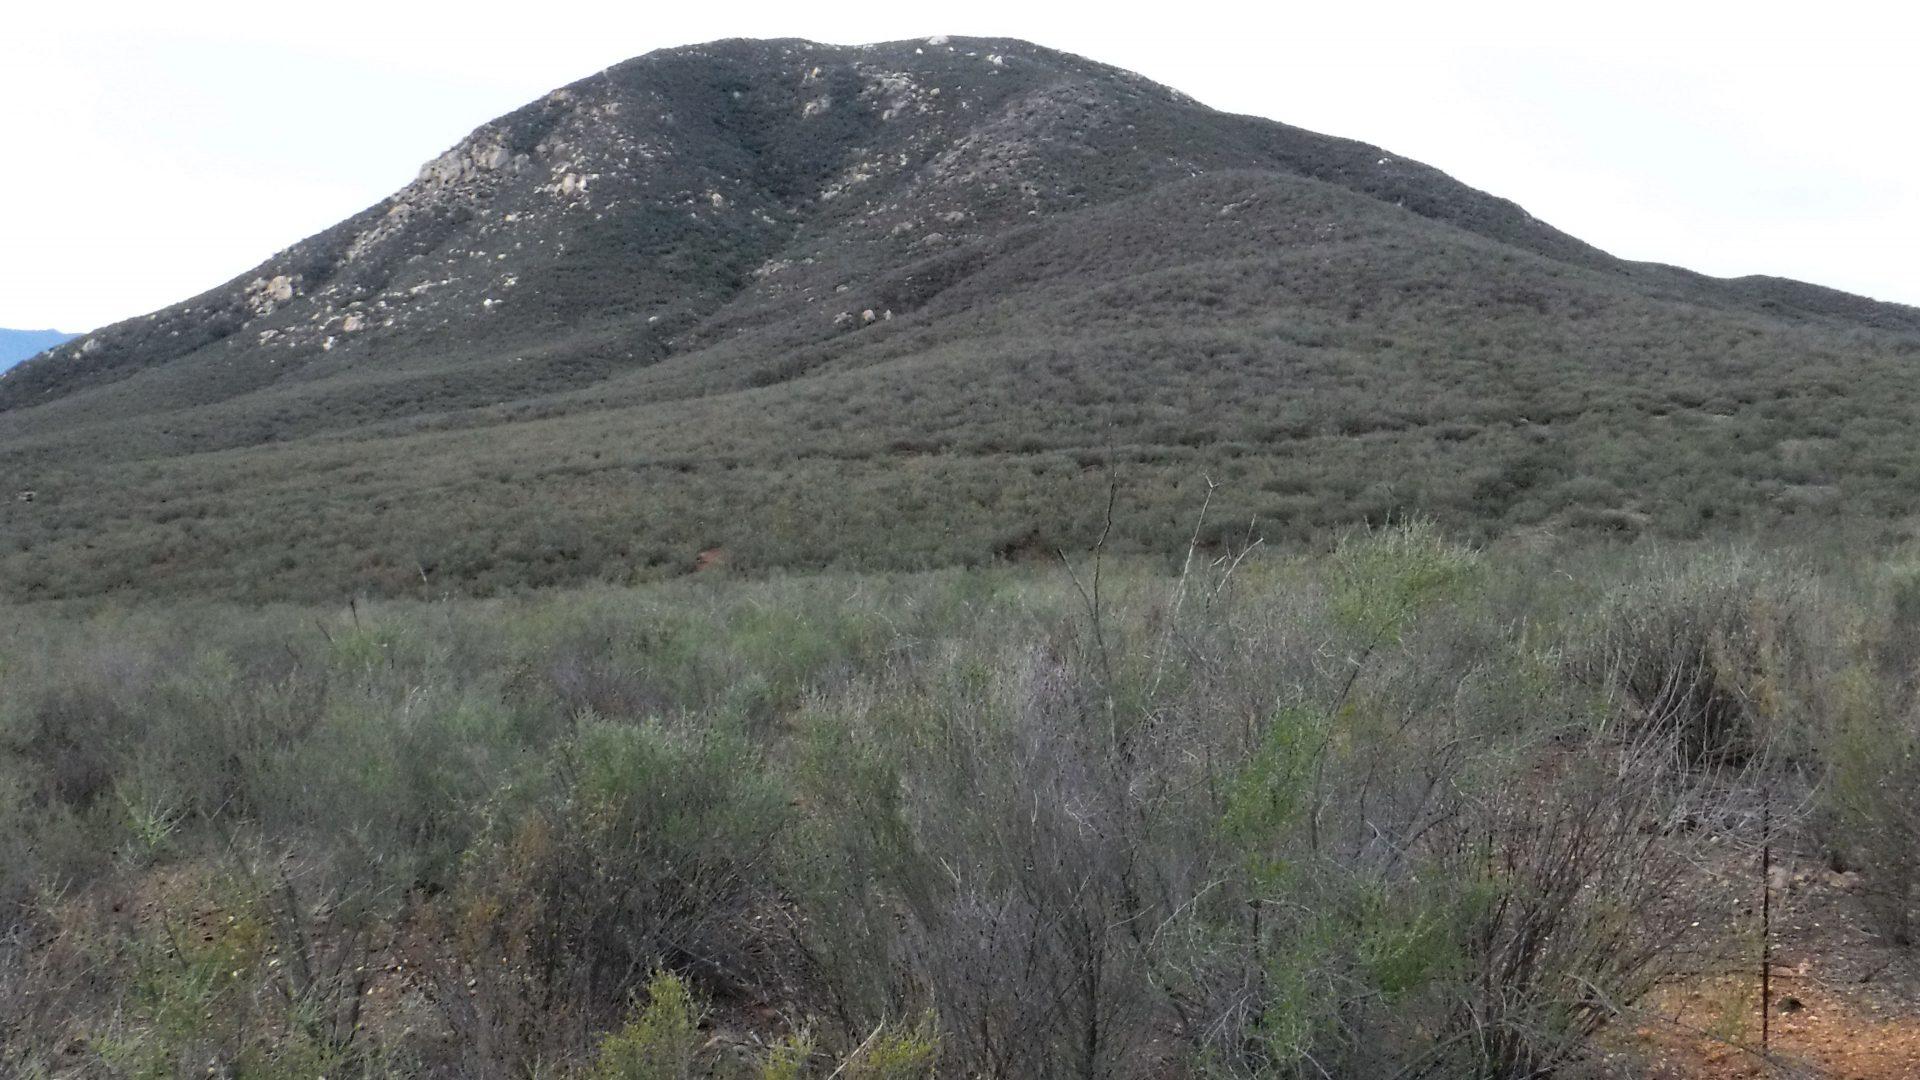 View of Black Mountain